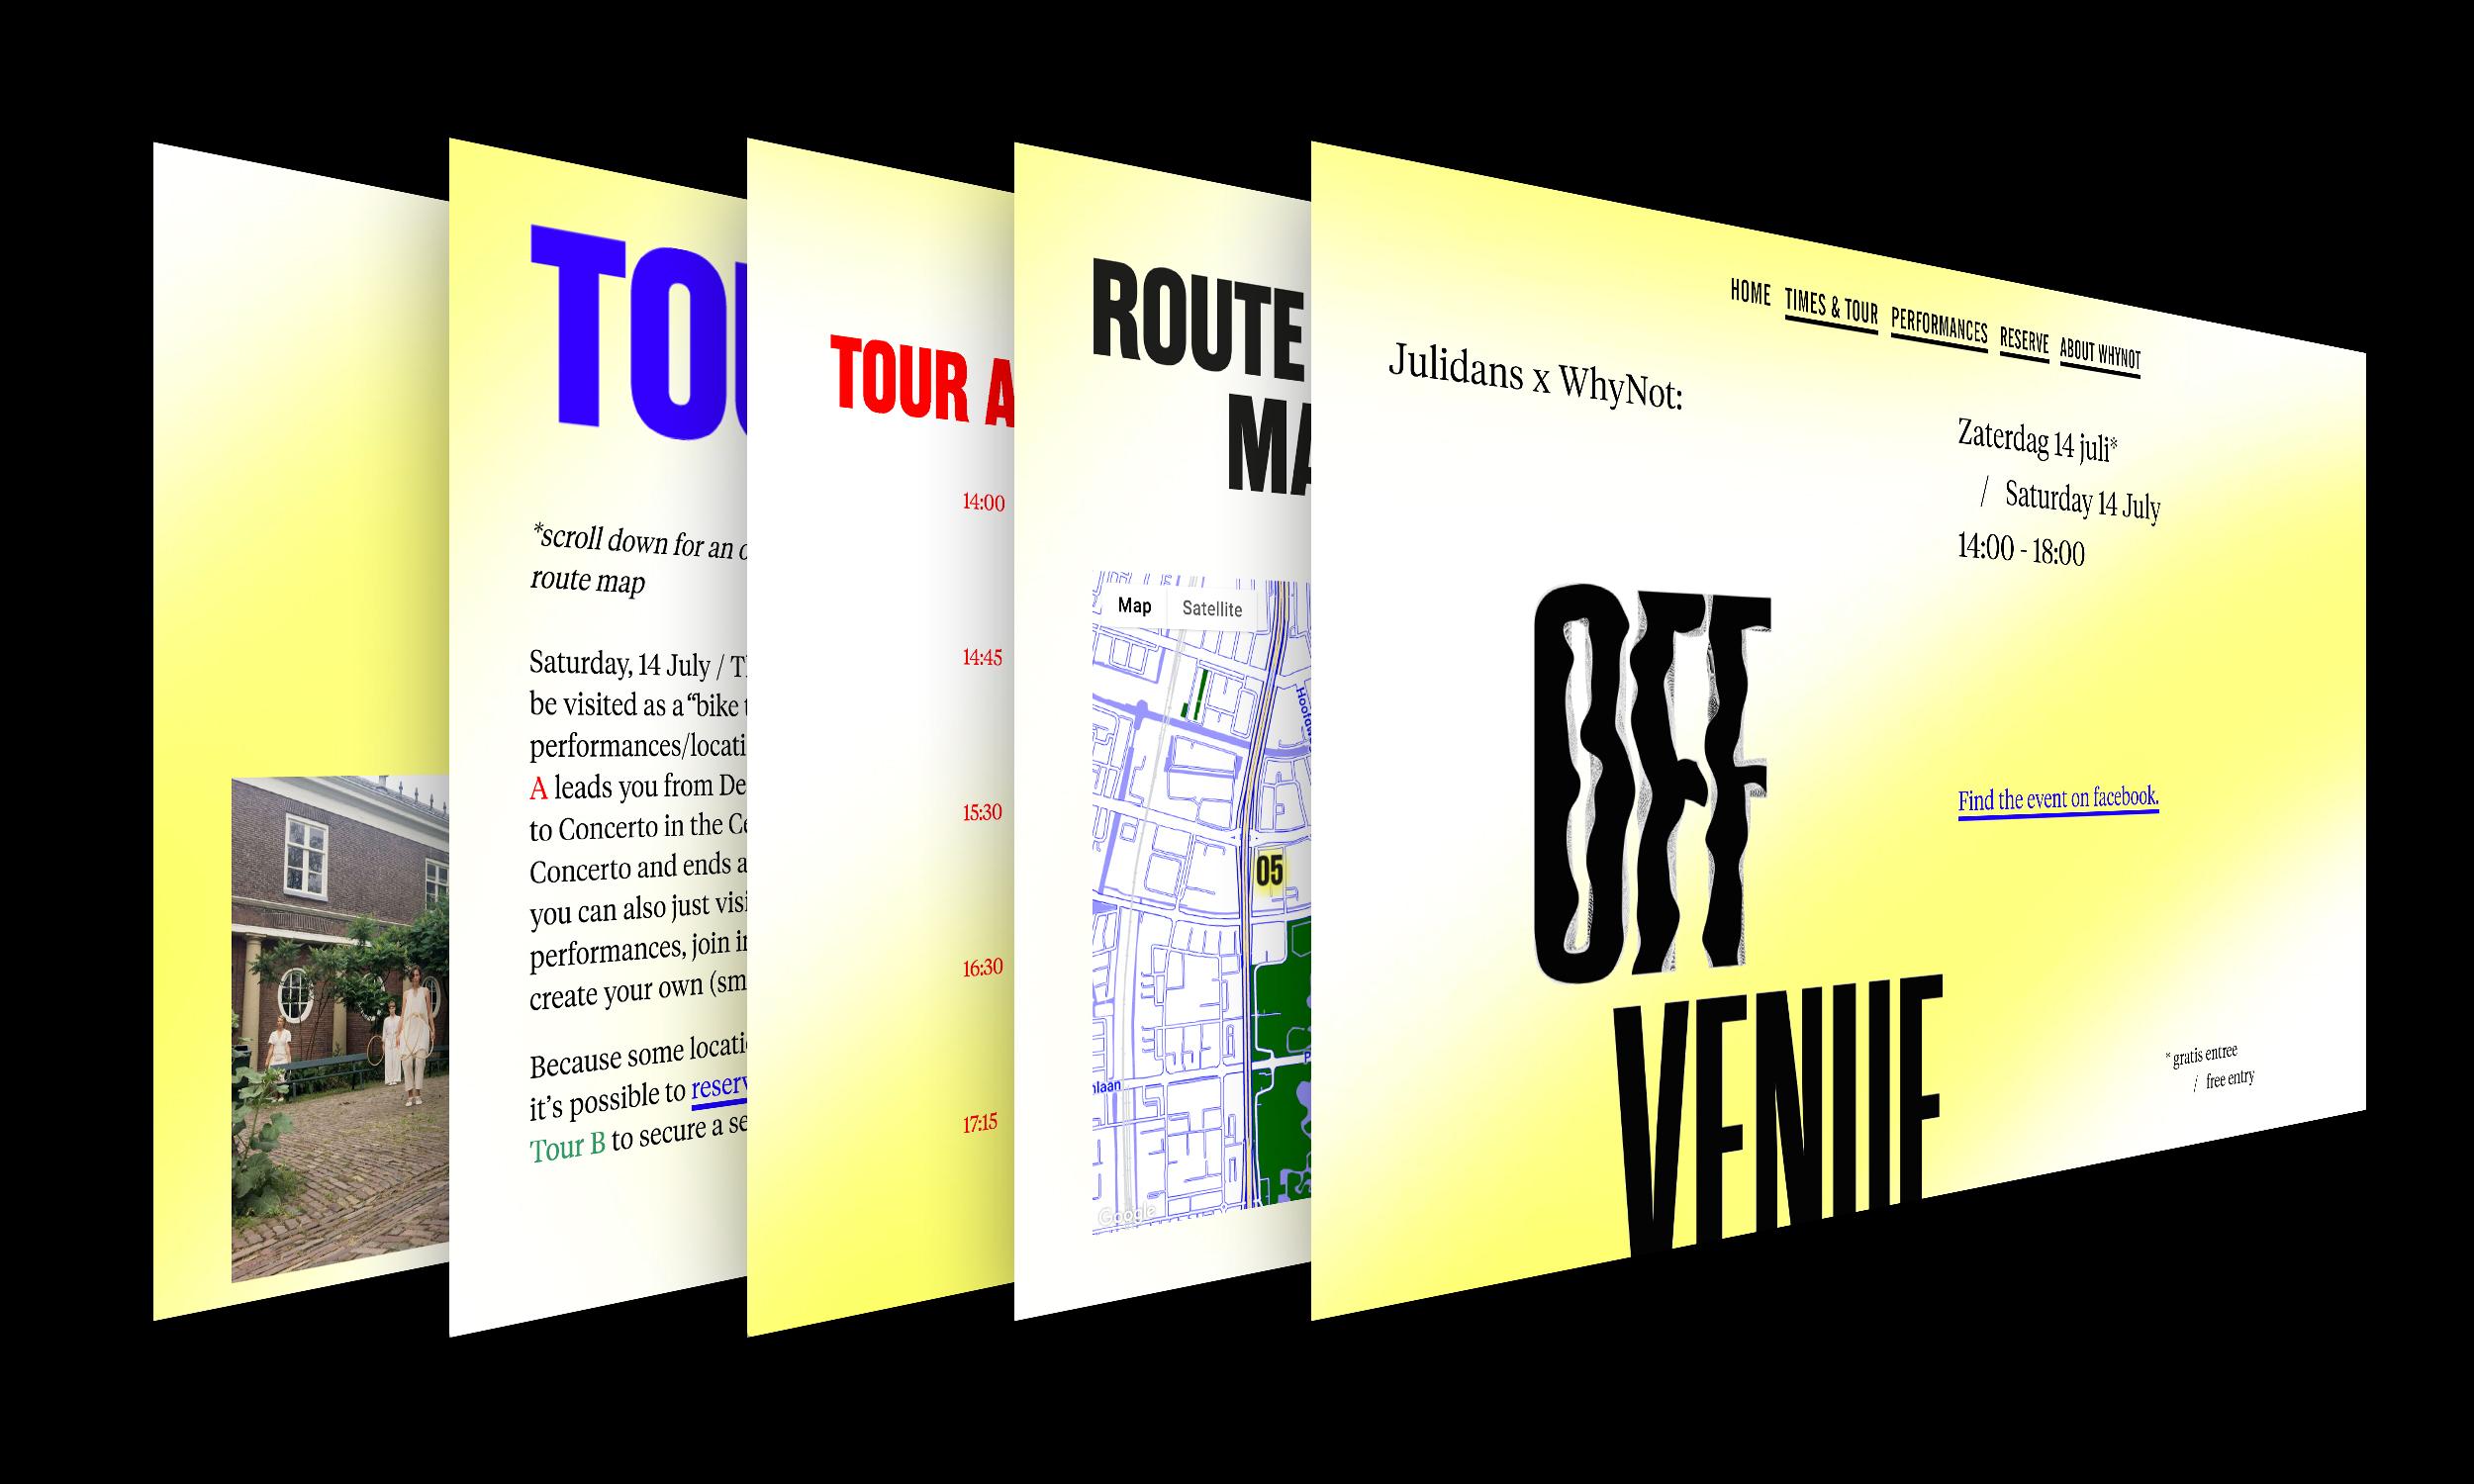 offvenue-website-screens-5.jpg